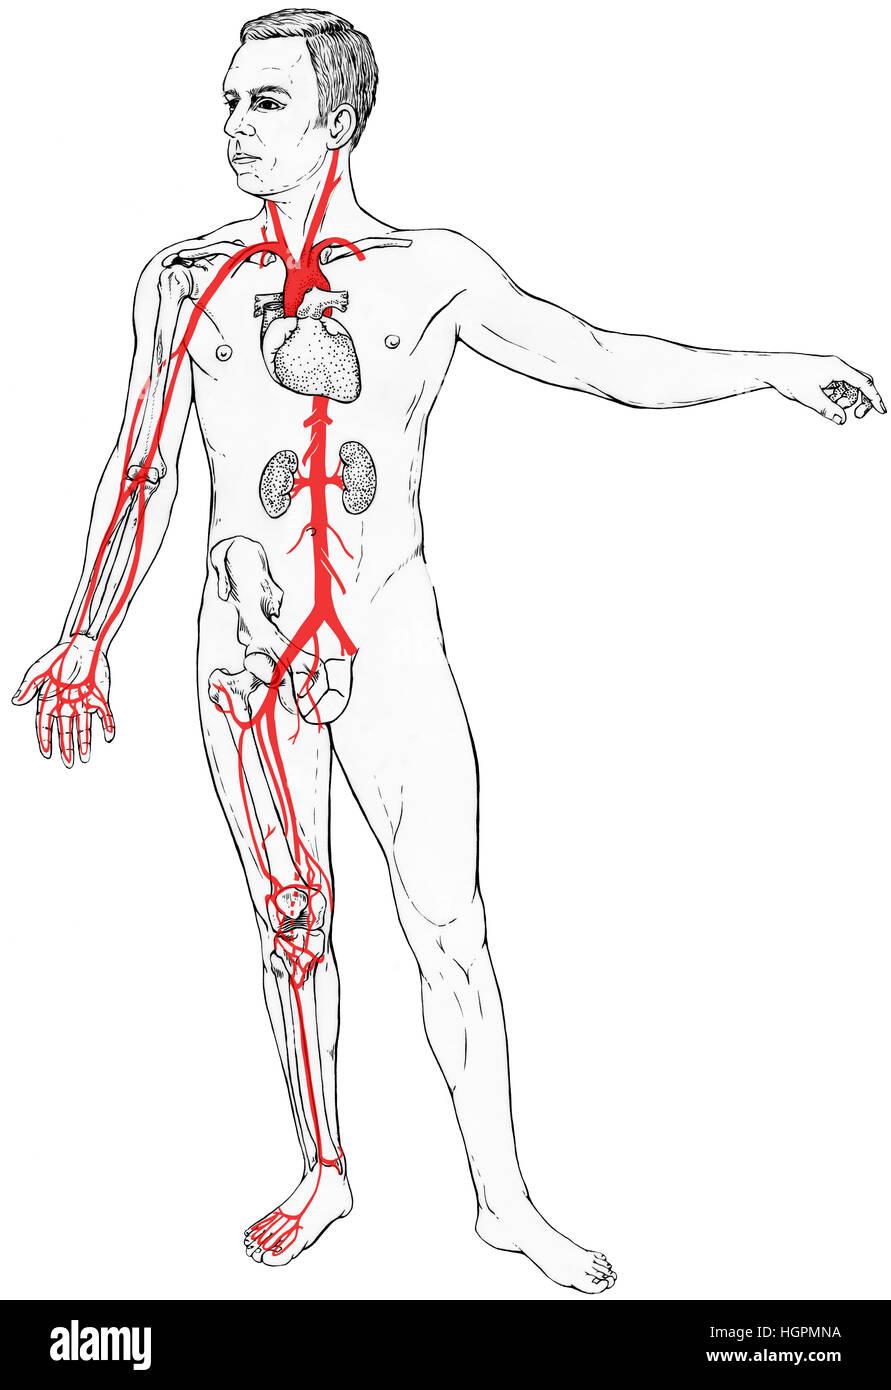 Männliche Figur mit wählen Sie Organe, Knochen und Blutgefäße ...